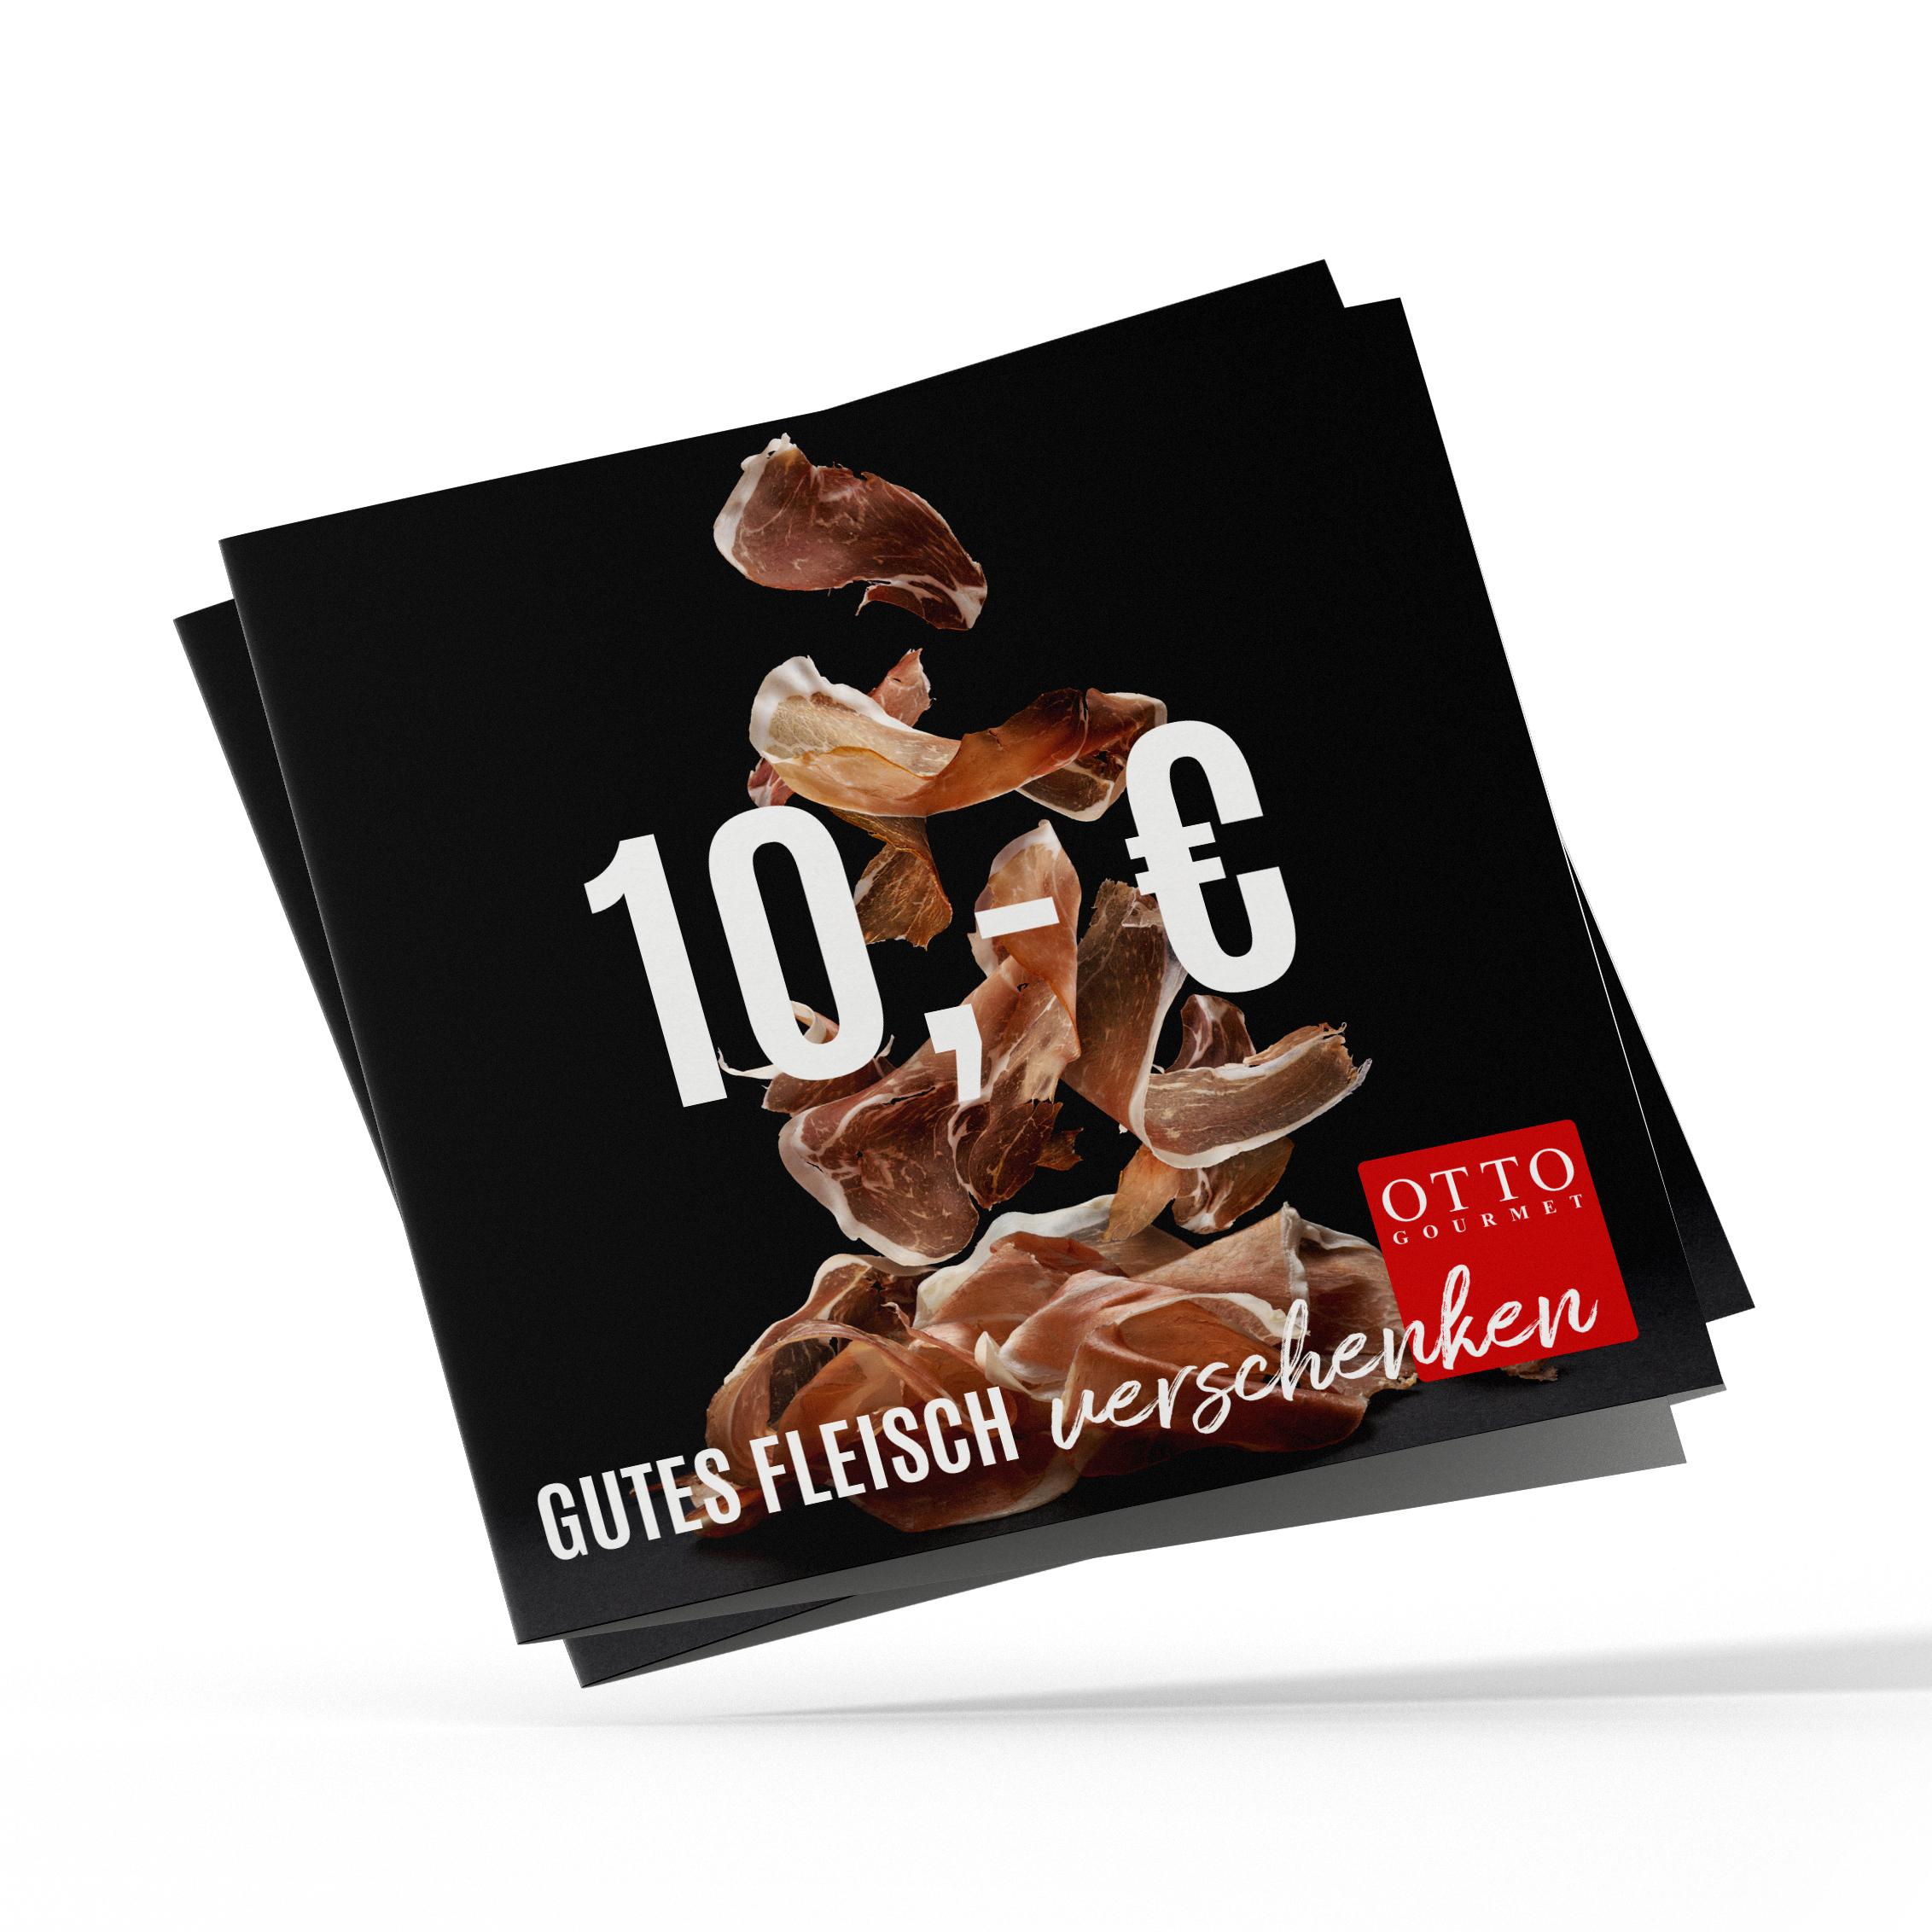 10 € Gutschein beim Kauf eines Adventskalenders